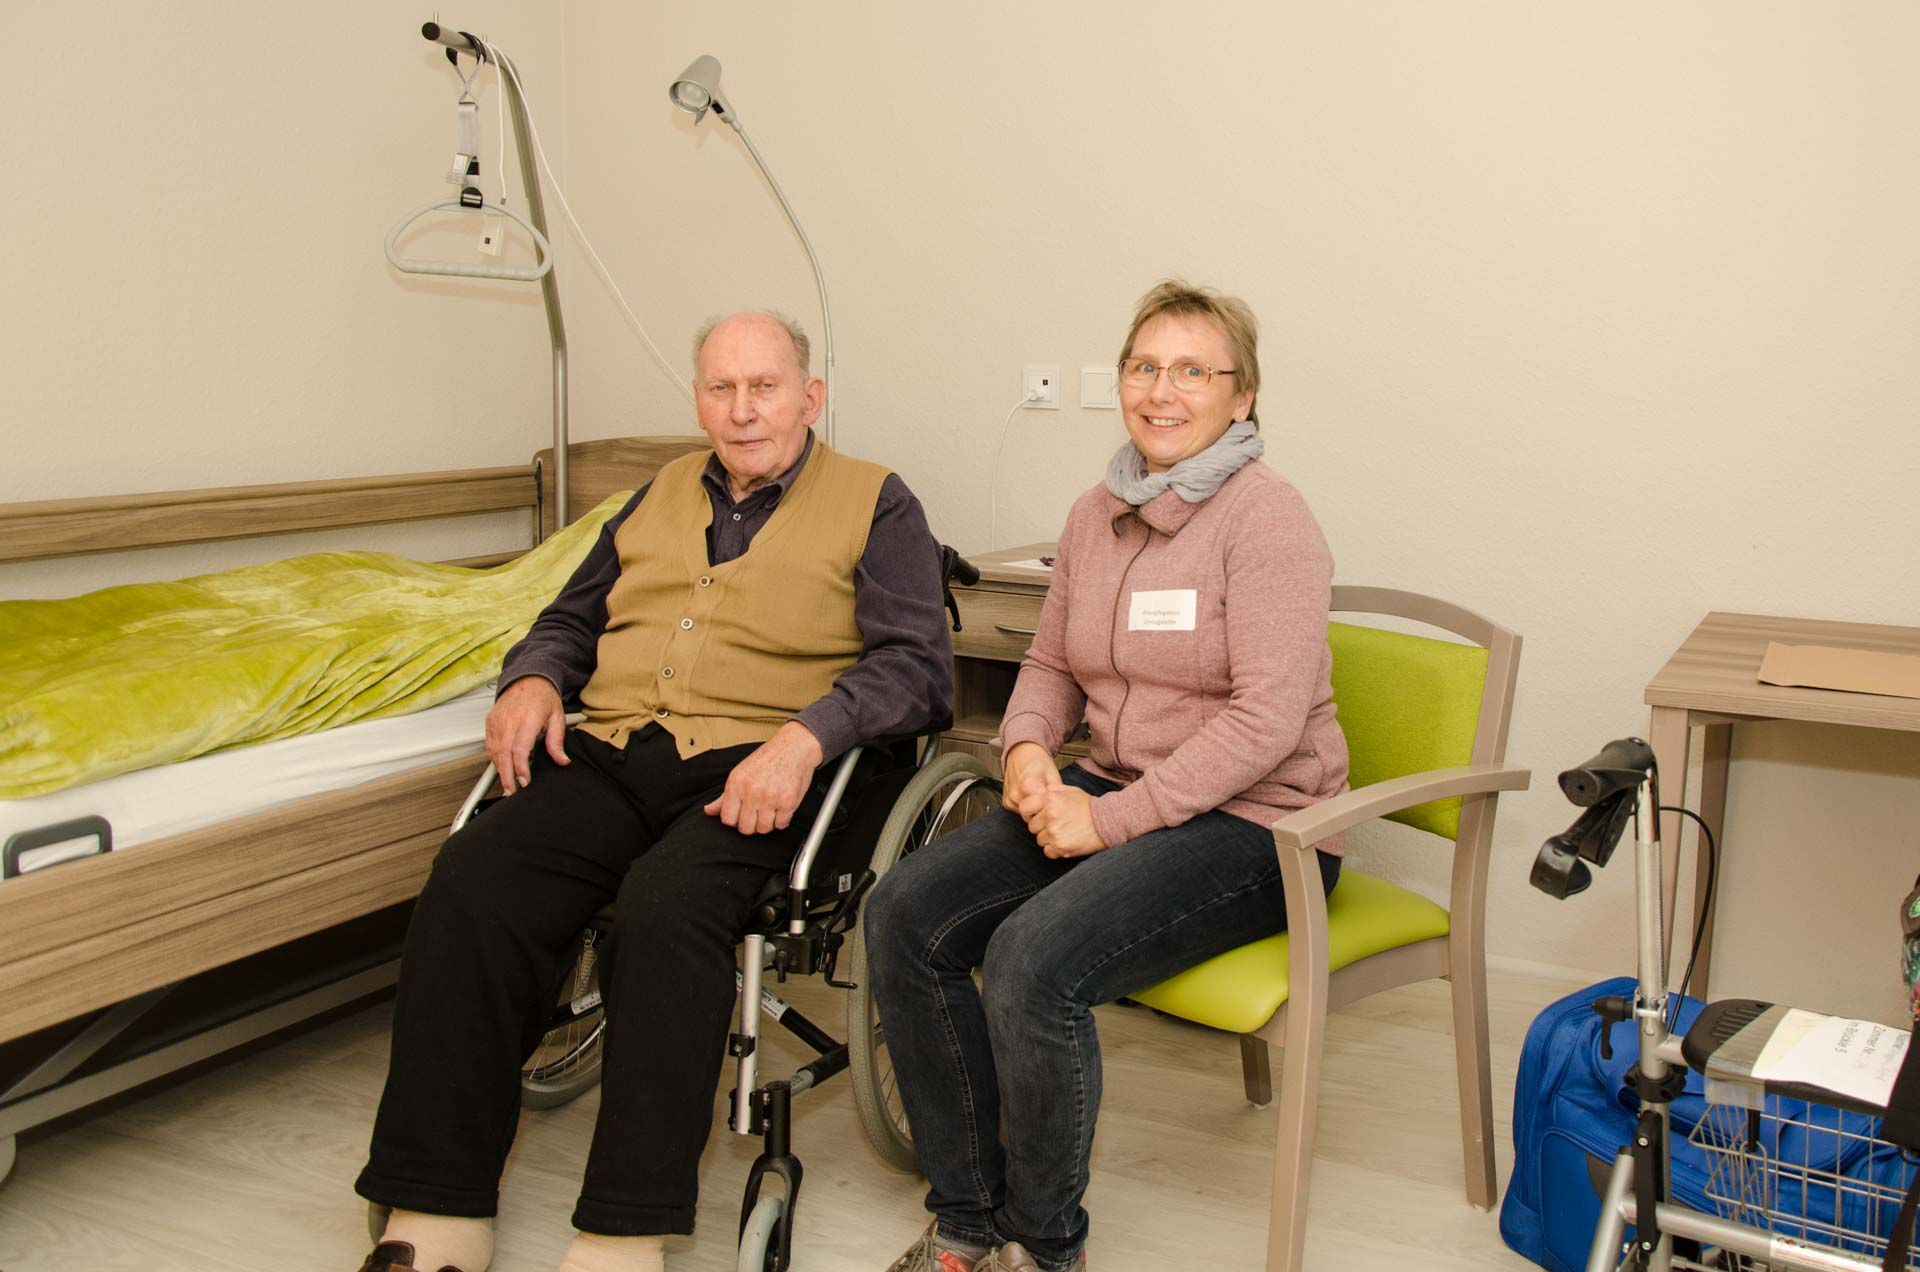 Am 25. Oktober 2017 zog das Evangelische Altenpflegeheim Bretten in den modernen Neubau im Seniorenzentrum